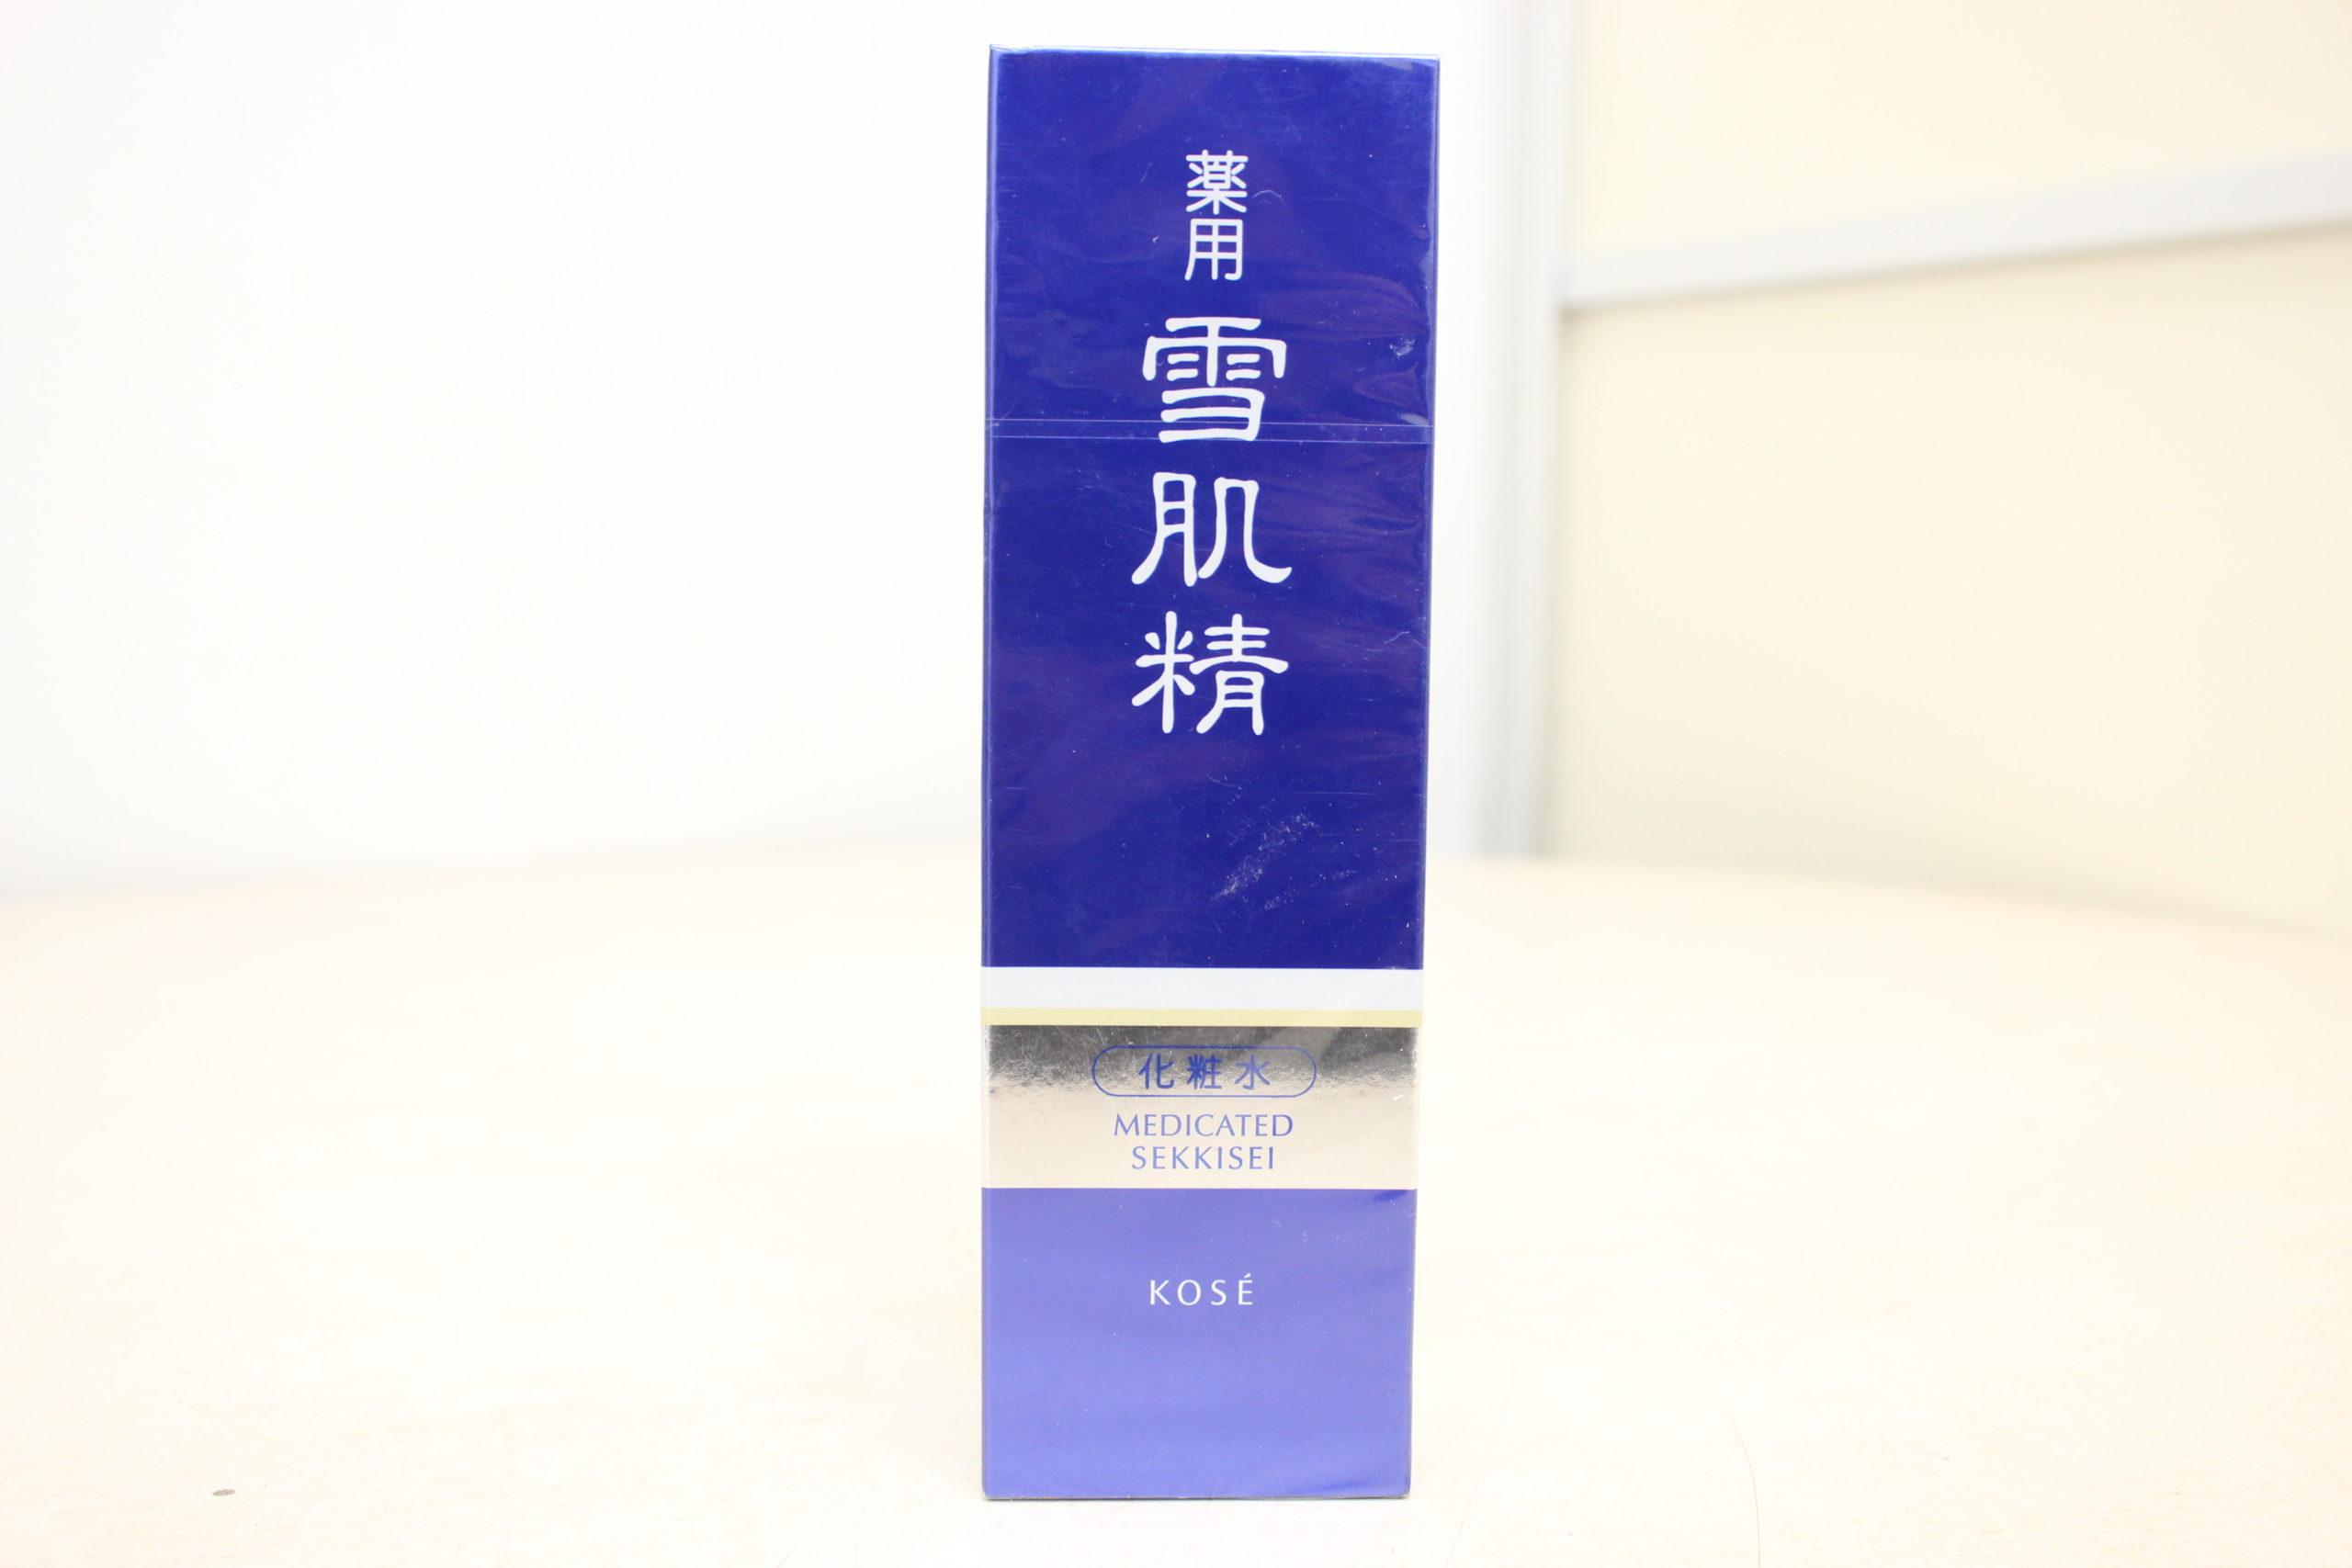 (福岡市博多区)KOSE/コーセー 雪肌精 化粧水 スキンケア // コスメ 化粧品 美容グッズなども買取致します!!の買取-